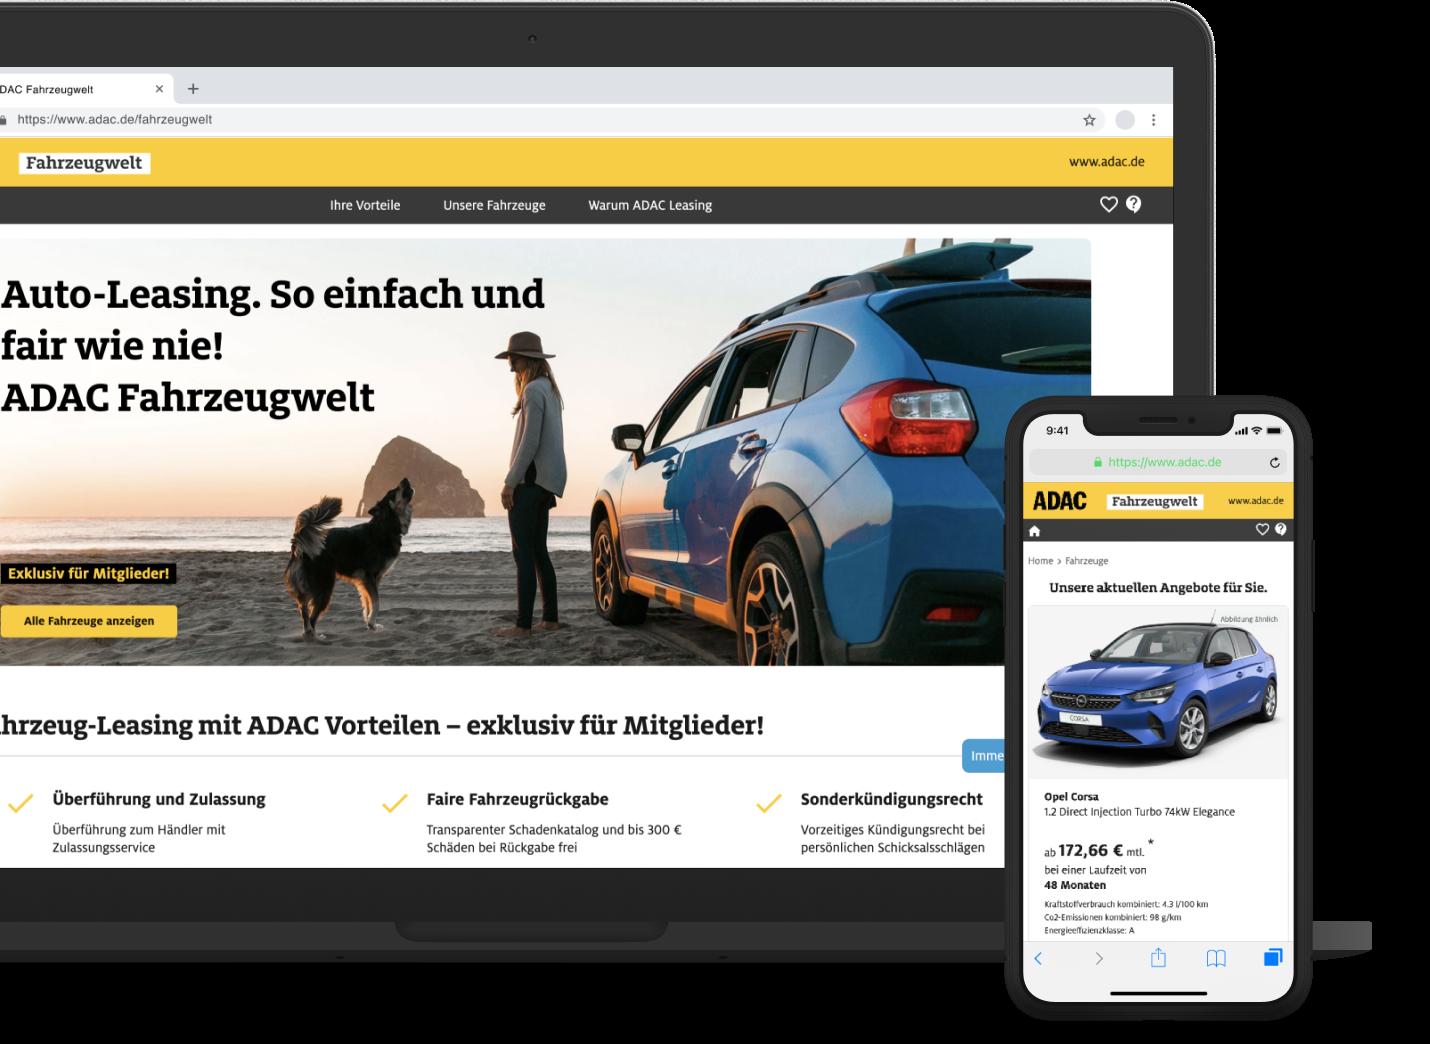 Devices_ADAC_Fahrzeugwelt